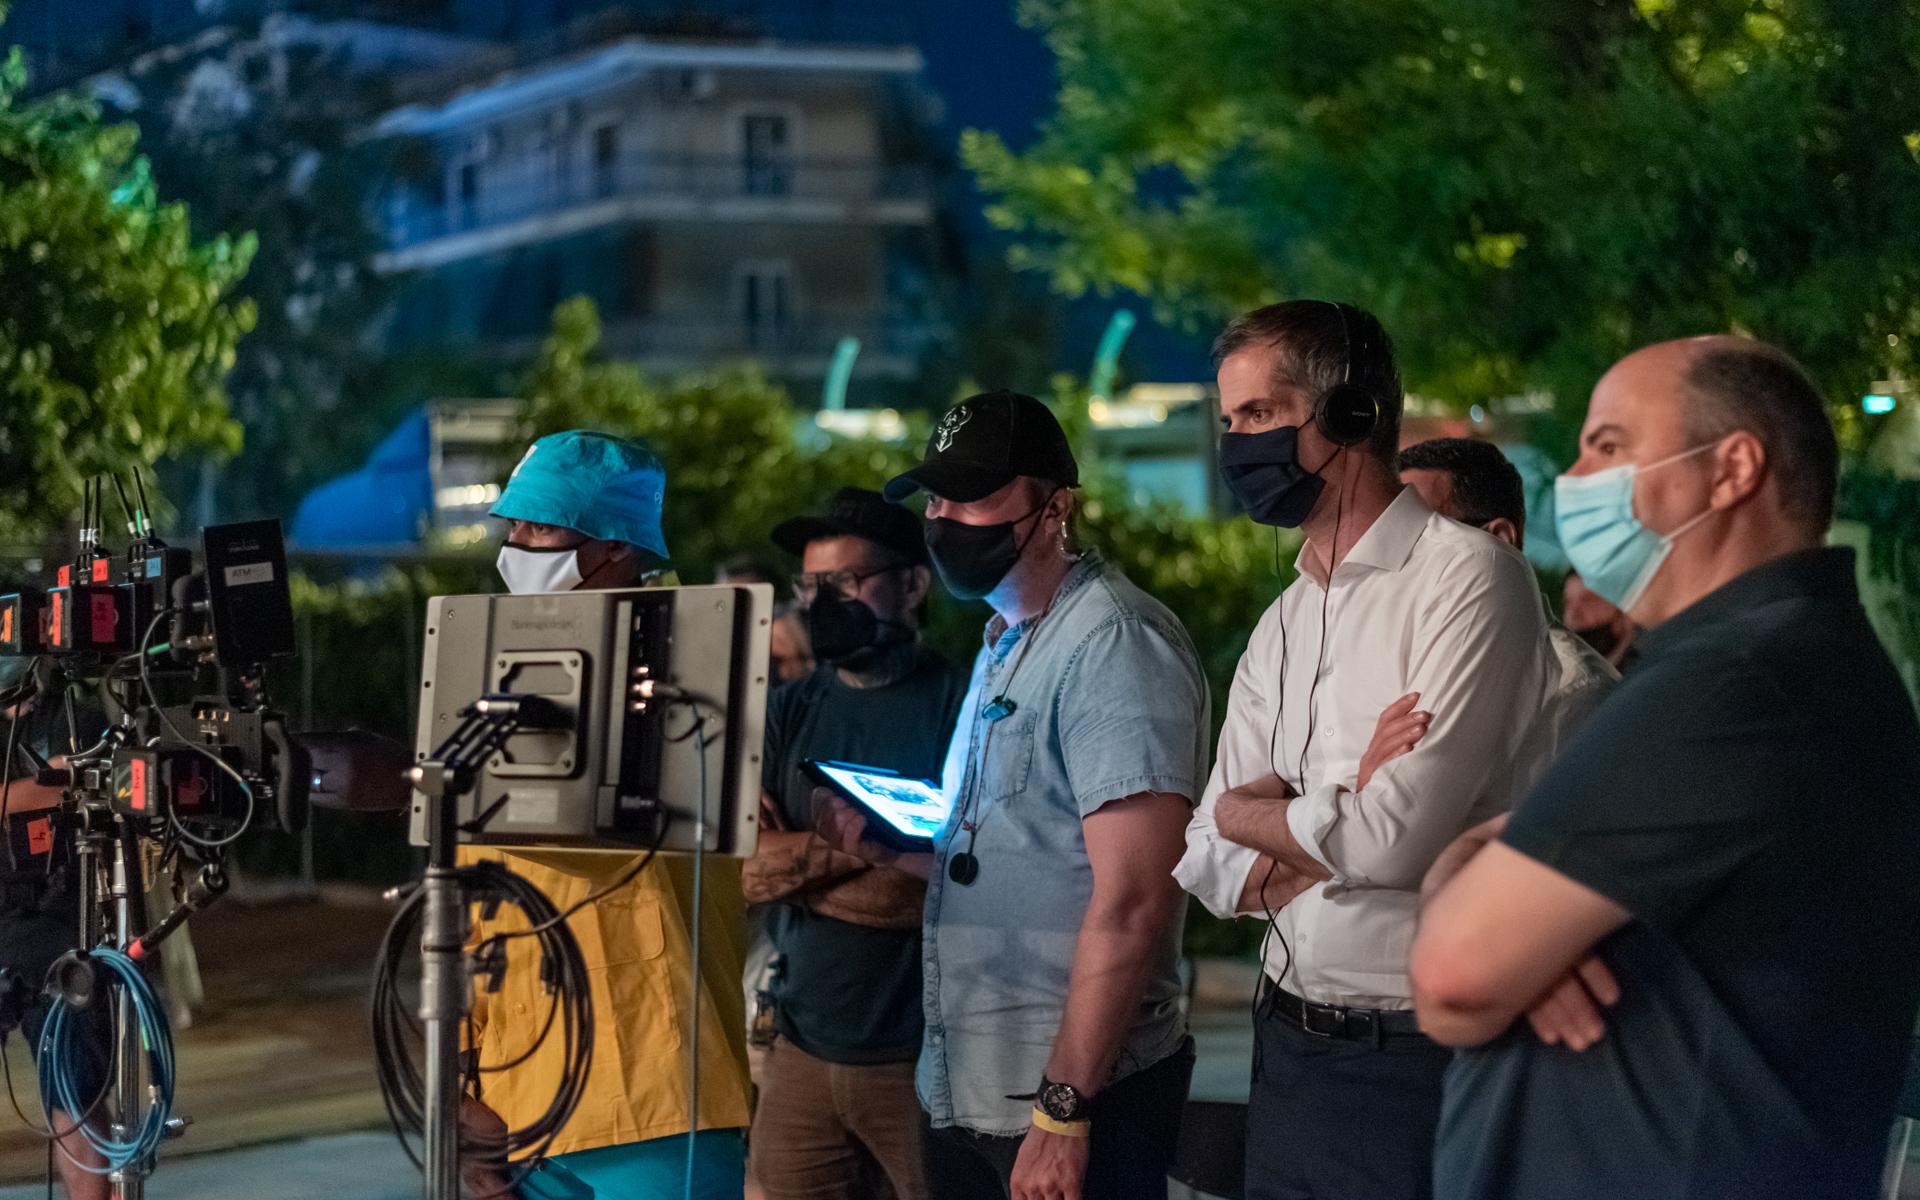 Κώστας Μπακογιάννης: Στα γυρίσματα της ταινίας «GreekFreak» για την ζωή του Γιάννη Αντετοκούμπο (pics)